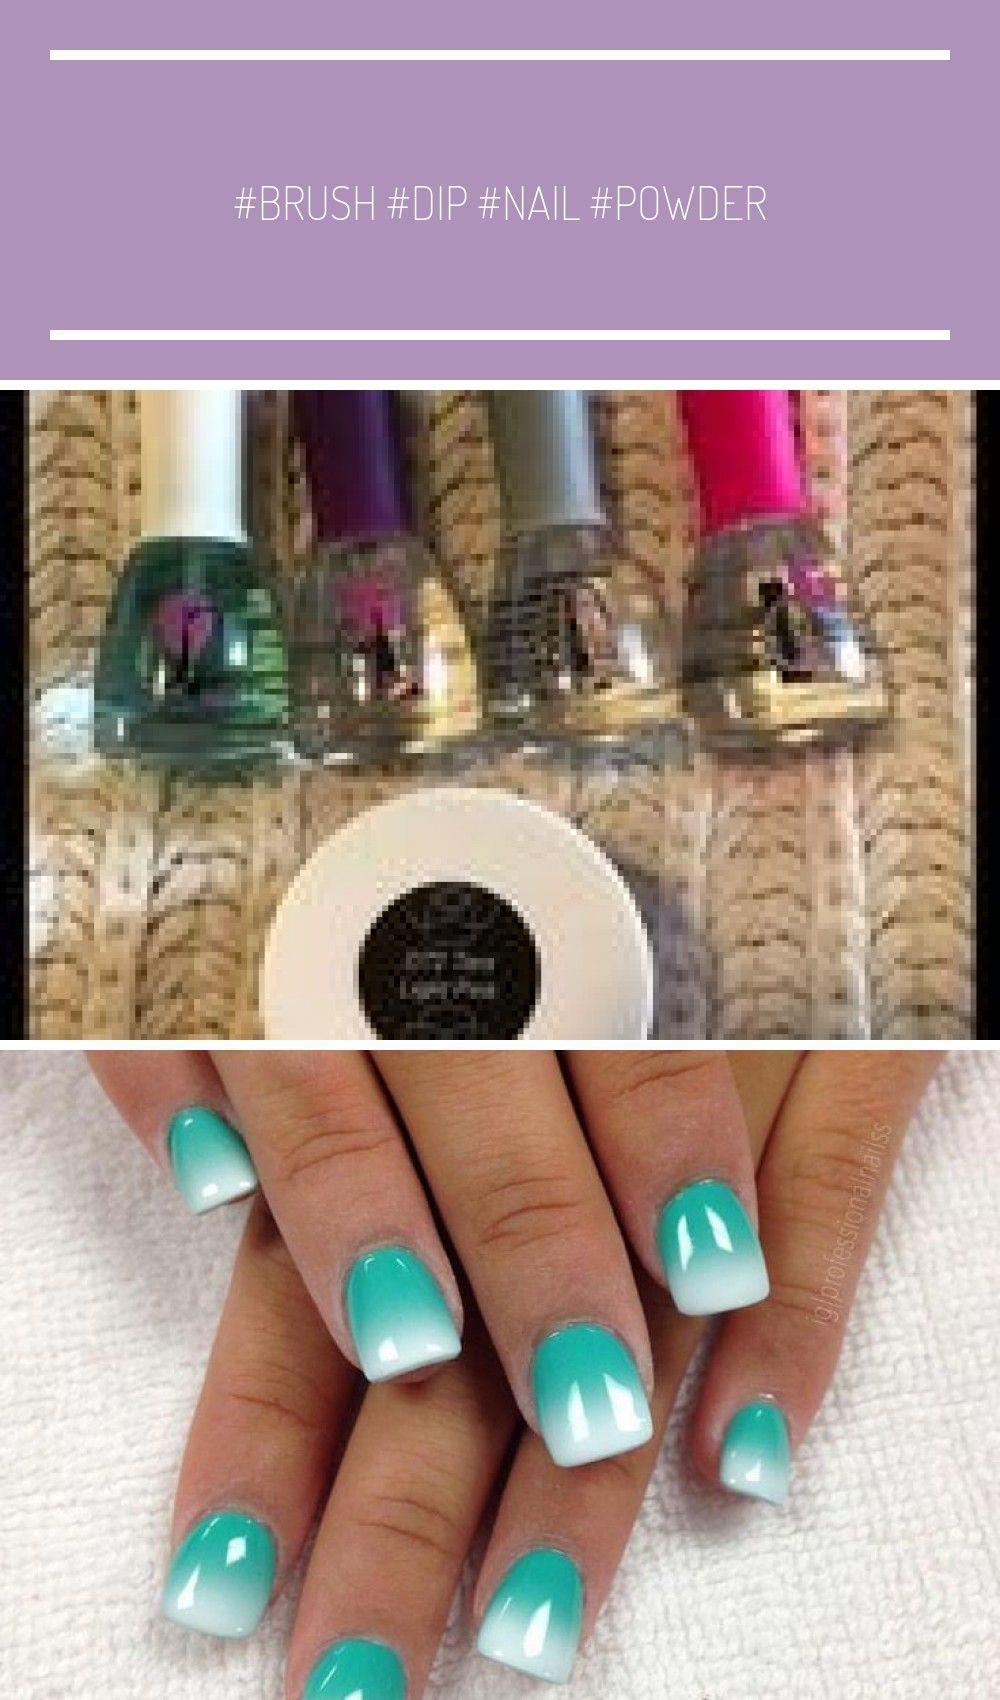 Brush Dip Nail Powder pr Revel Set softener Revel